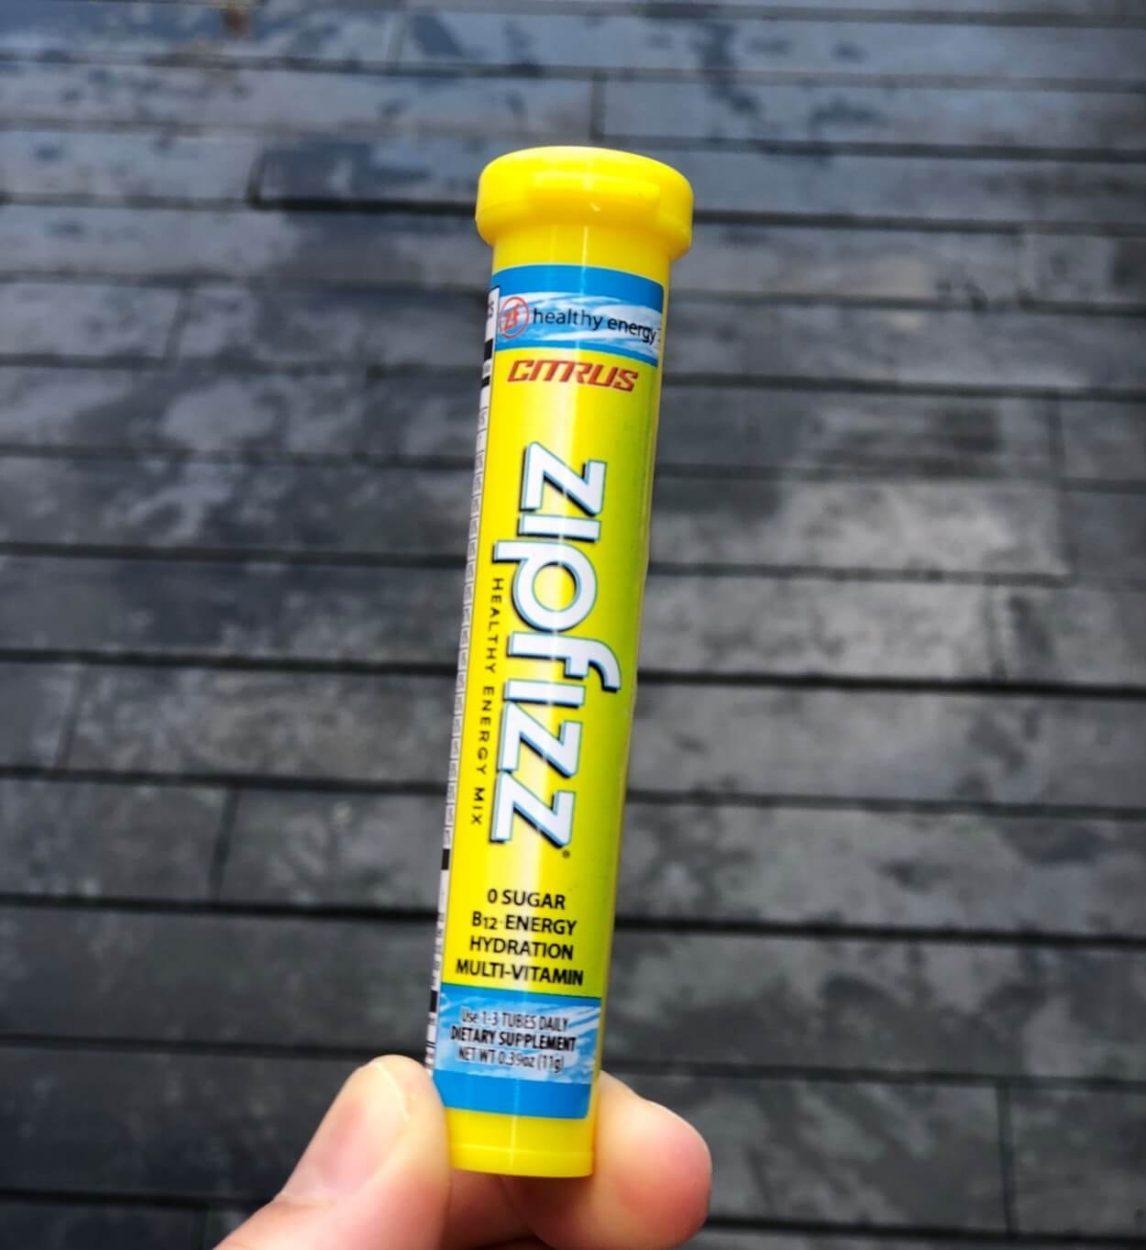 A tube of Zipfizz.